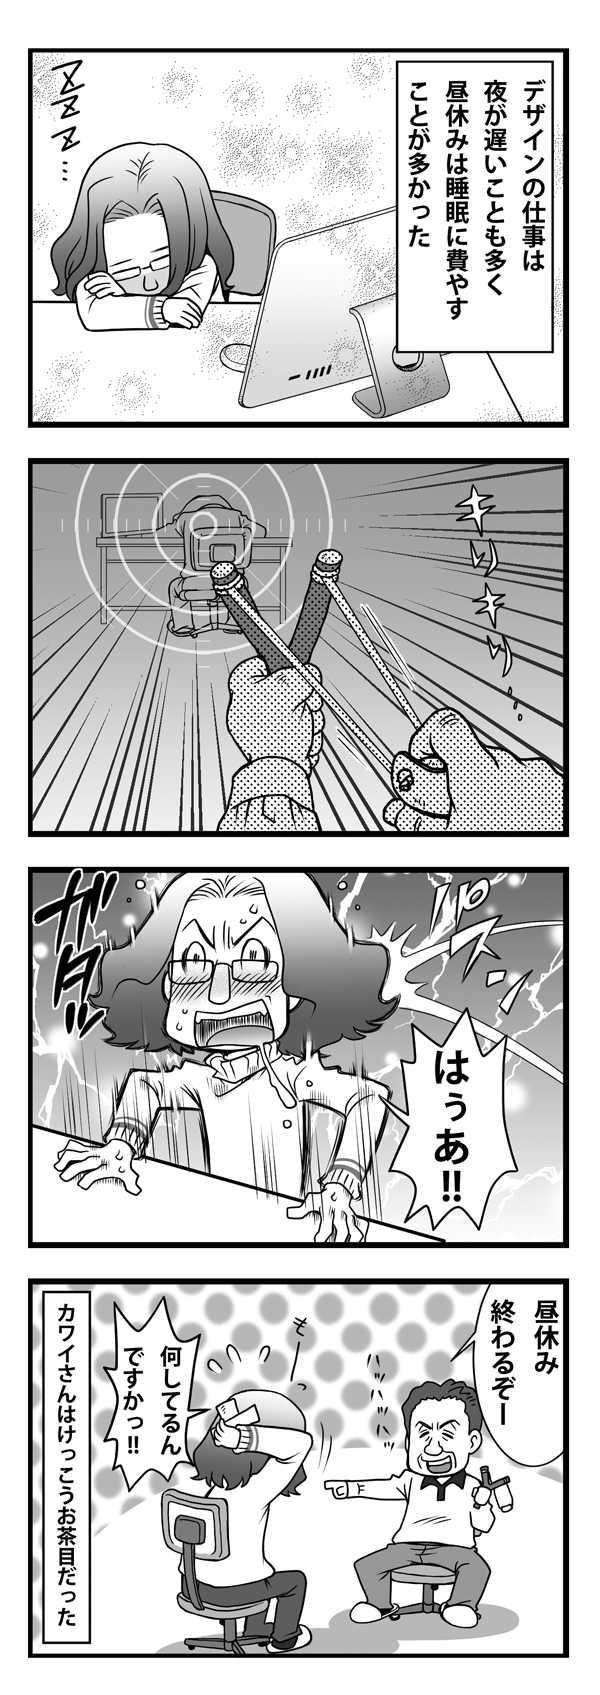 〜昼休み(休めない)〜